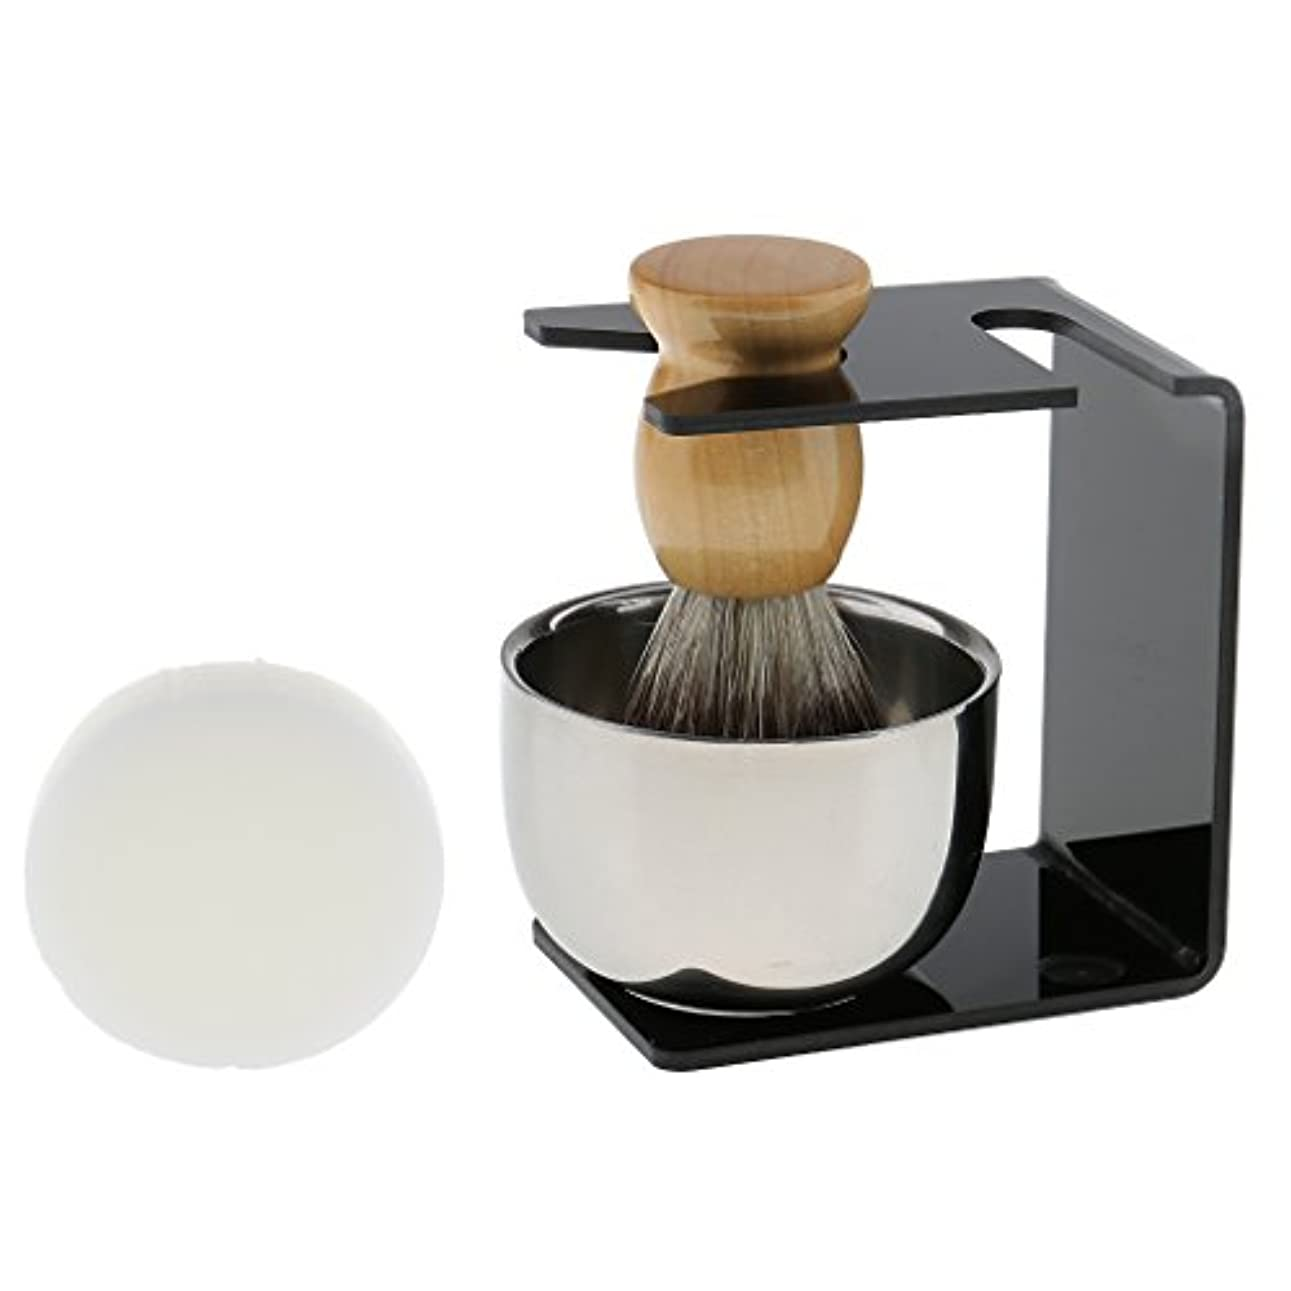 屋内維持サワーシェービングブラシセット ステンレス製スタンド ブラシ 石鹸 シェイプのマグカップ 髭剃り ひげ メンズ 4点セット